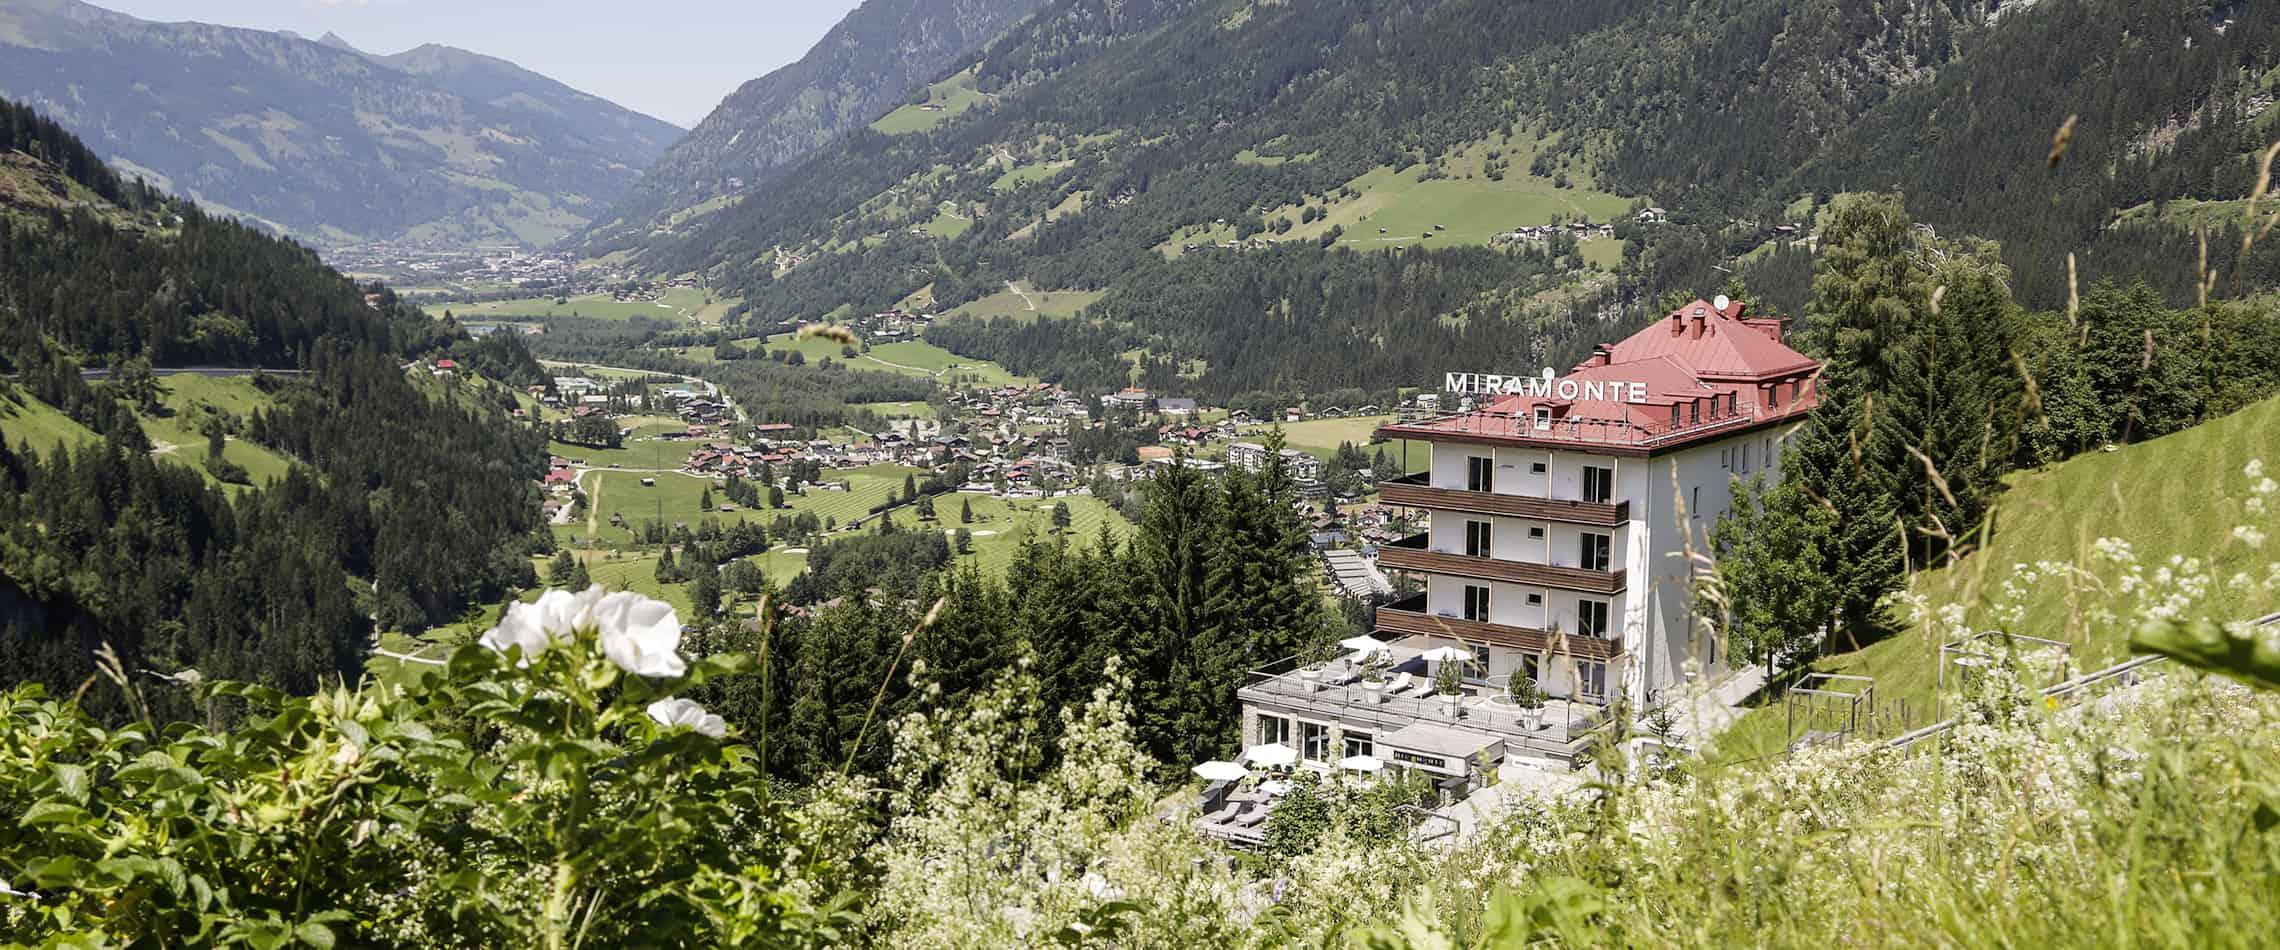 Hotel Klammers Krnten, Bad Hofgastein - carolinavolksfolks.com